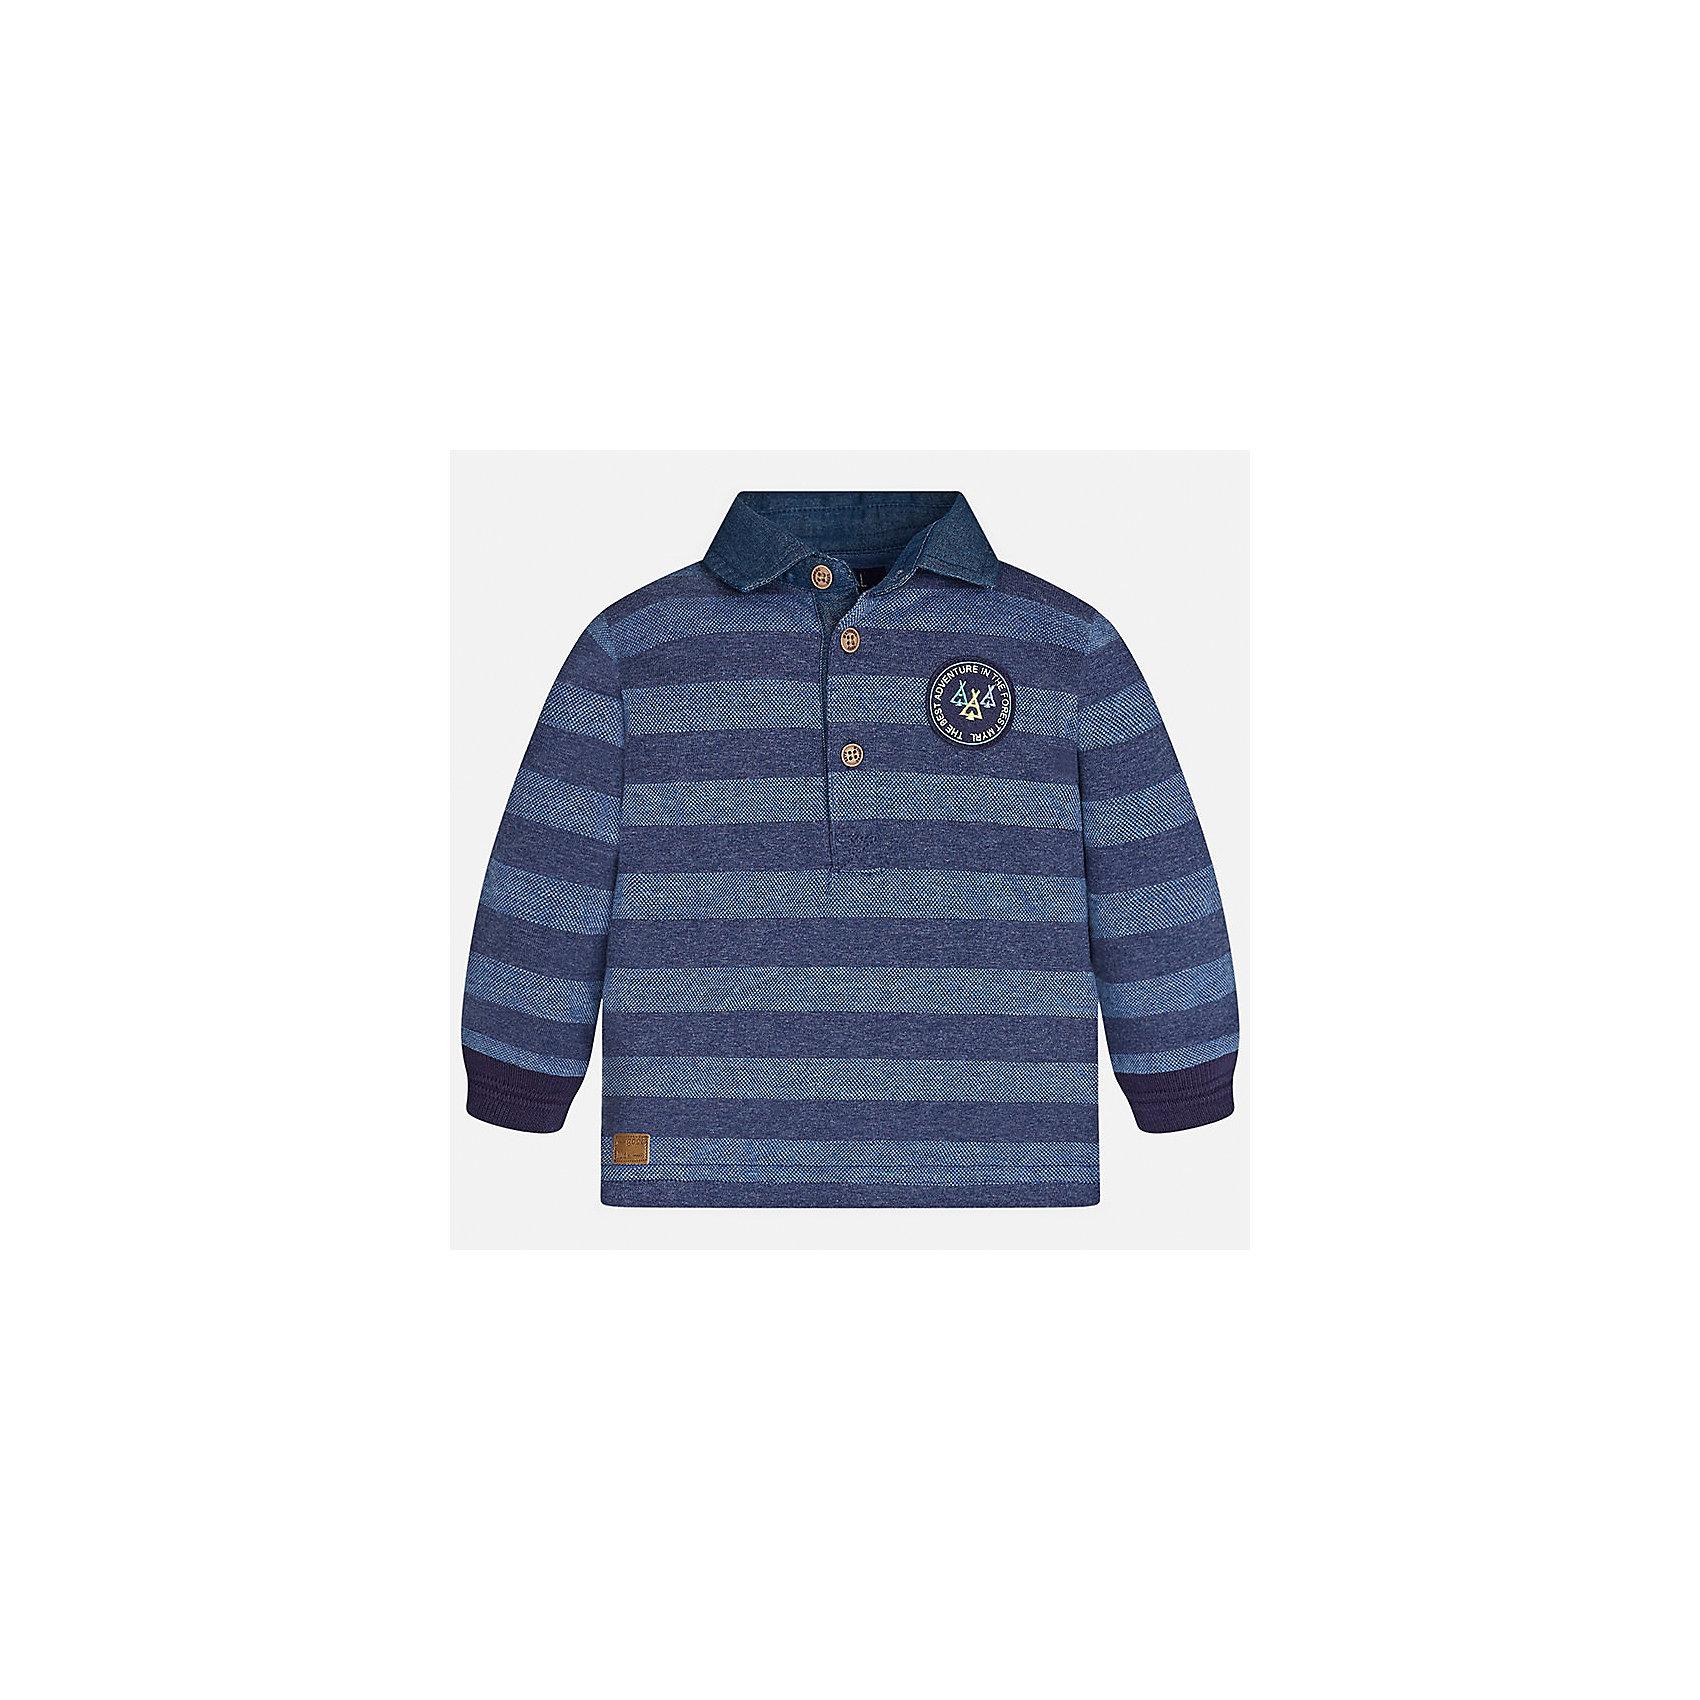 Футболка-поло с длинным рукавом Mayoral для мальчикаФутболки с длинным рукавом<br>Характеристики товара:<br><br>• цвет: голубой<br>• состав ткани: 100% хлопок<br>• сезон: демисезон<br>• особенности модели: отложной воротник<br>• застежка: пуговицы<br>• длинные рукава<br>• страна бренда: Испания<br>• страна изготовитель: Индия<br><br>Полосатая детская рубашка-поло с длинным рукавом сделана из дышащего приятного на ощупь материала. Благодаря продуманному крою детской футболки-поло создаются комфортные условия для тела. рубашка-поло с длинным рукавом для мальчика отличается стильным продуманным дизайном.<br><br>Рубашку-поло с длинным рукавом для мальчика Mayoral (Майорал) можно купить в нашем интернет-магазине.<br><br>Ширина мм: 230<br>Глубина мм: 40<br>Высота мм: 220<br>Вес г: 250<br>Цвет: голубой<br>Возраст от месяцев: 18<br>Возраст до месяцев: 24<br>Пол: Мужской<br>Возраст: Детский<br>Размер: 92,98,74,80,86<br>SKU: 6935006